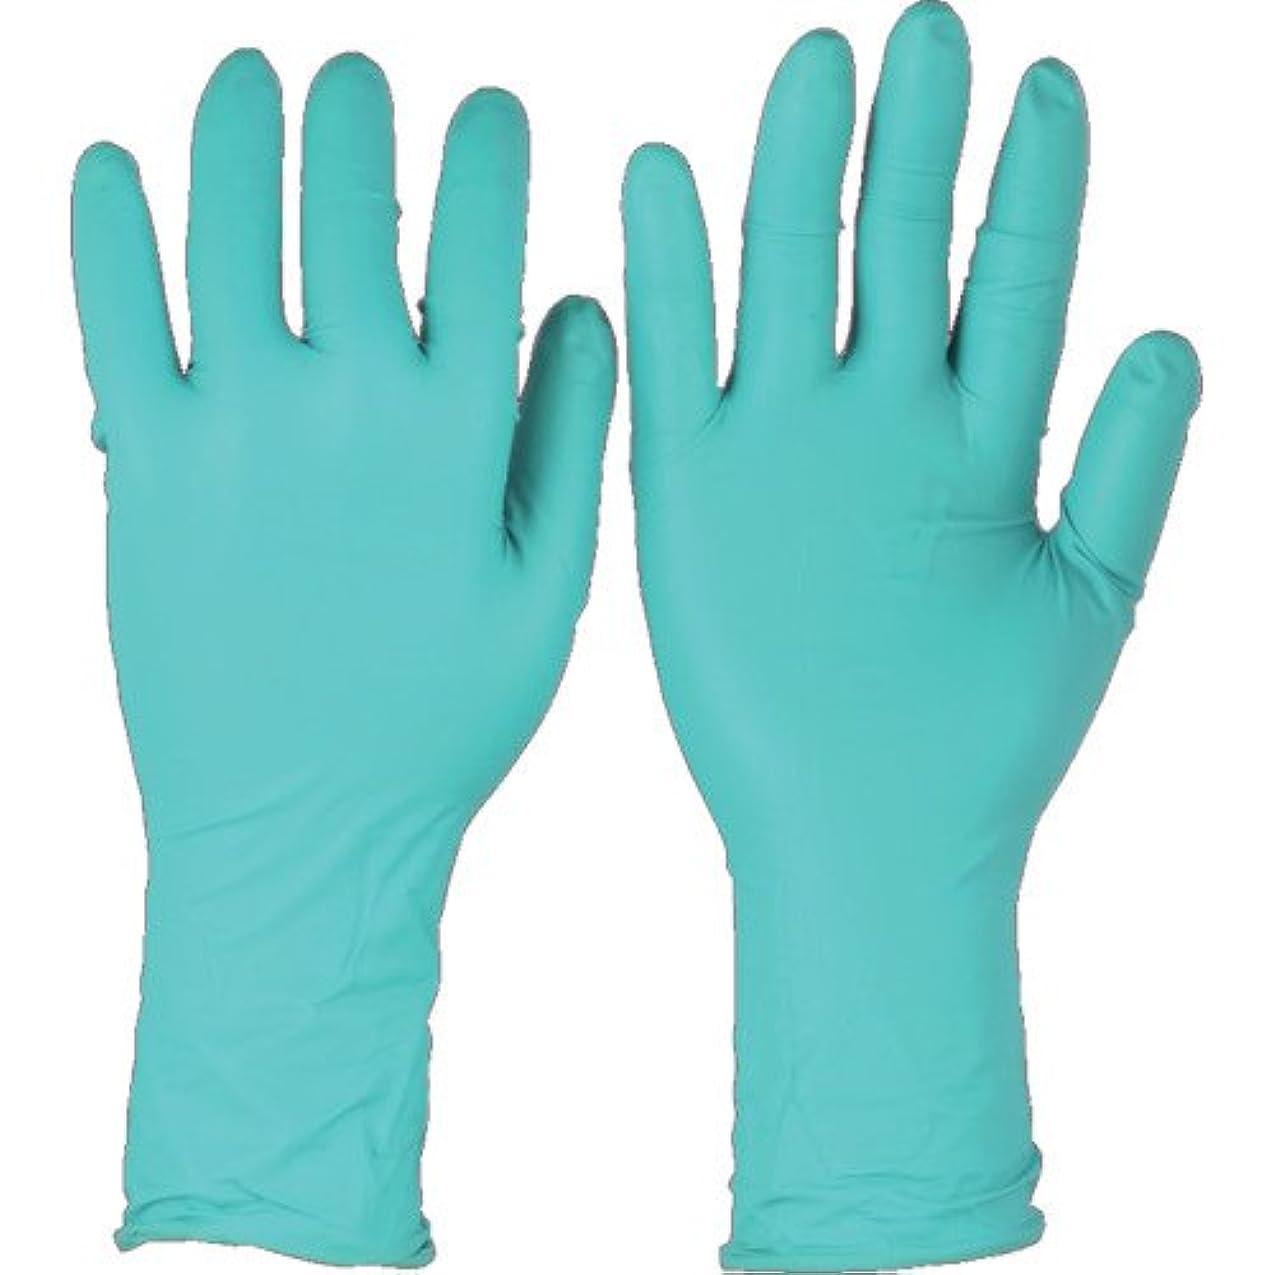 素晴らしい良い多くのエジプトゴネリルトラスコ中山 アンセル ネオプレンゴム使い捨て手袋 マイクロフレックス 93-260 Mサイズ (50枚入)  932608